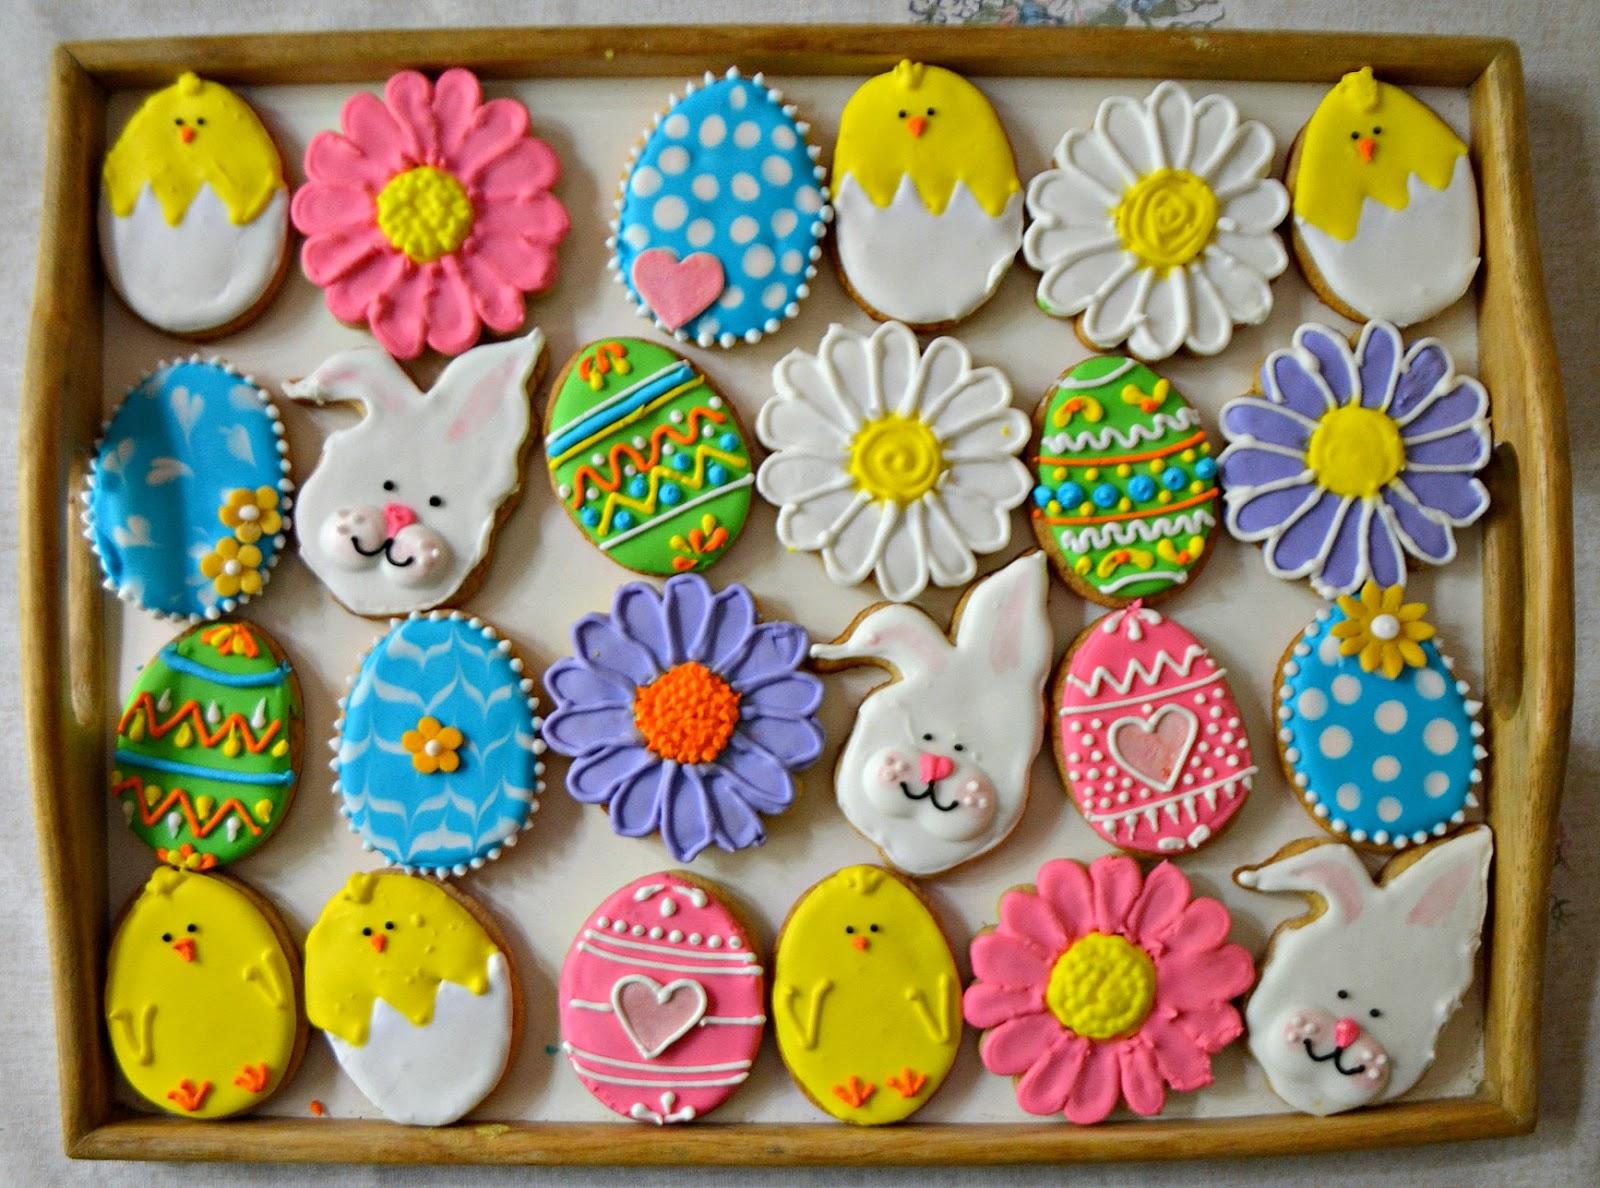 Recettes de biscuits aux œufs glacés pour Pâques